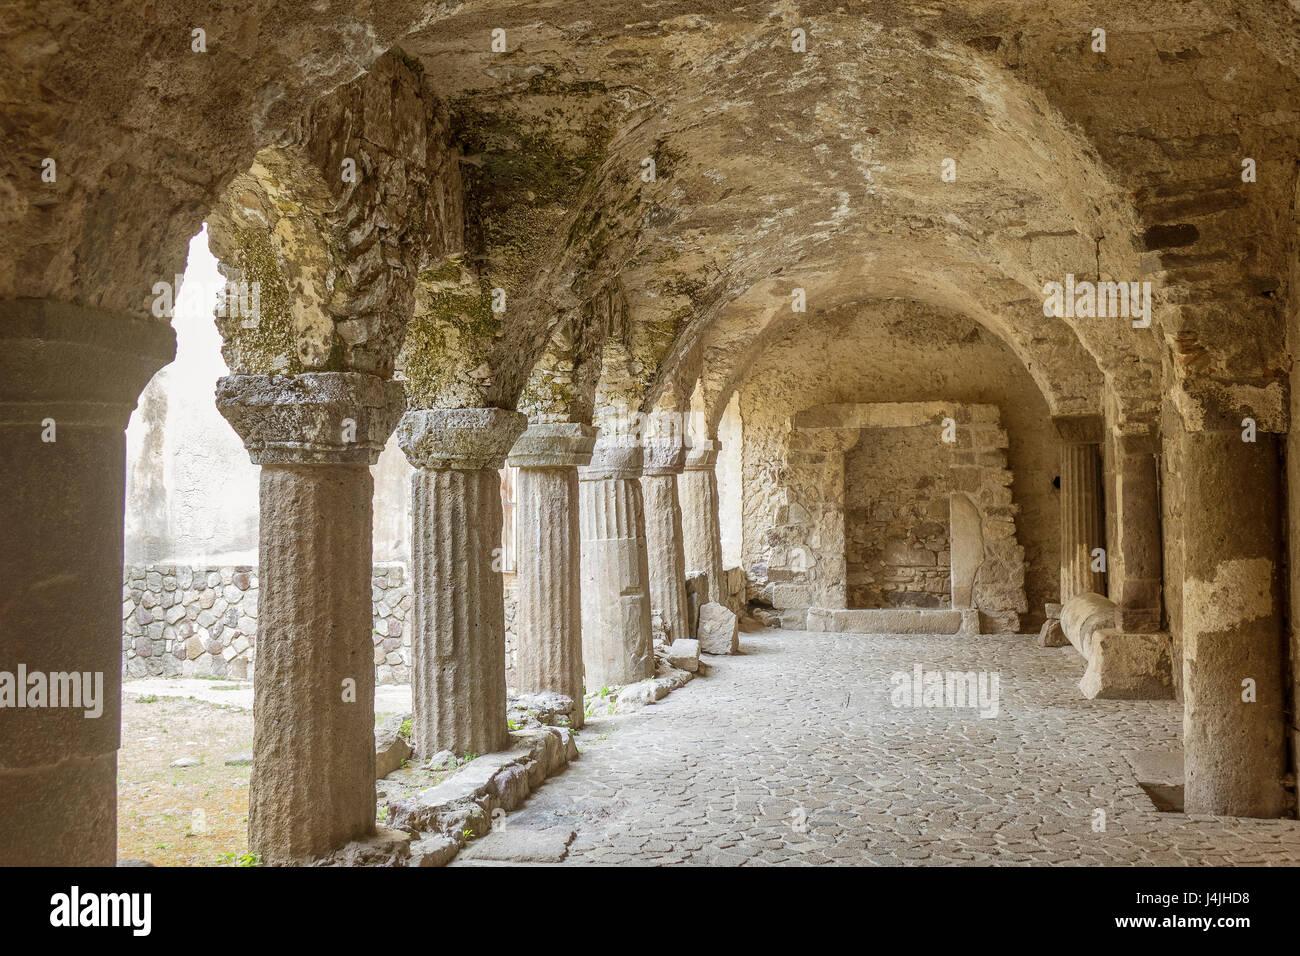 L'Italia, Isole Eolie o Lipari, Cattedrale chiostri Immagini Stock